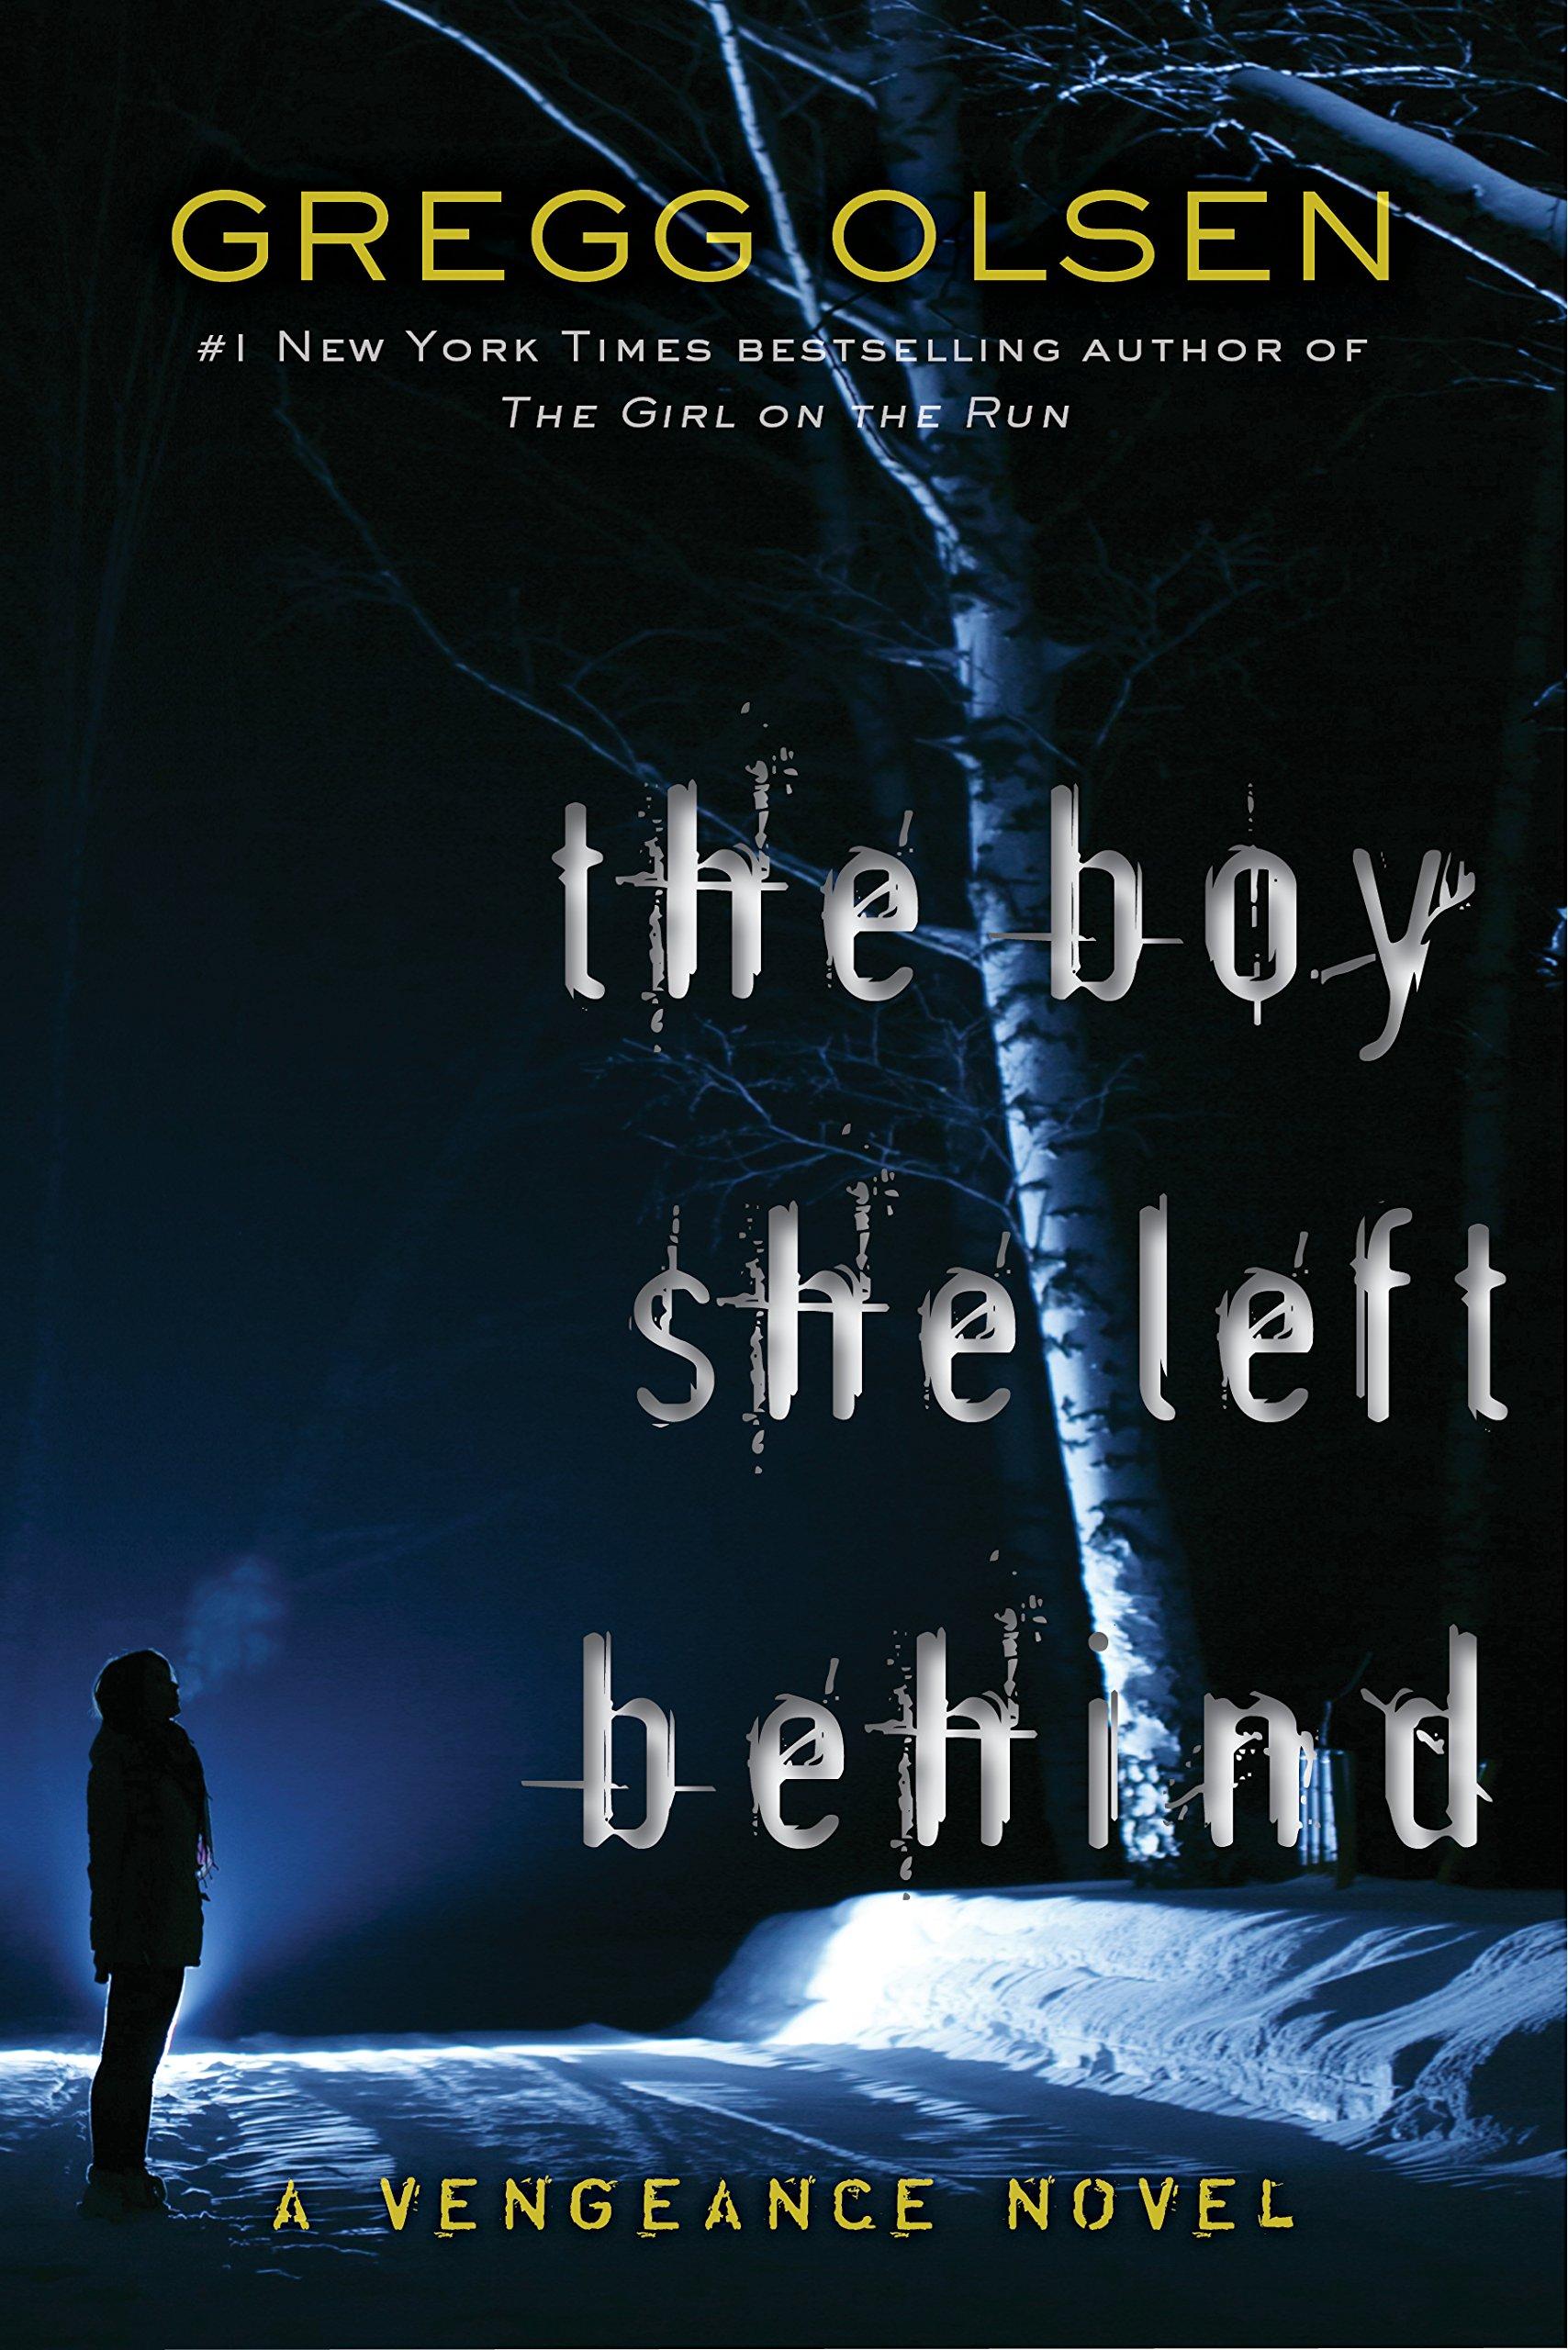 Amazon: The Boy She Left Behind (vengeance) (9781943818310): Gregg  Olsen: Books